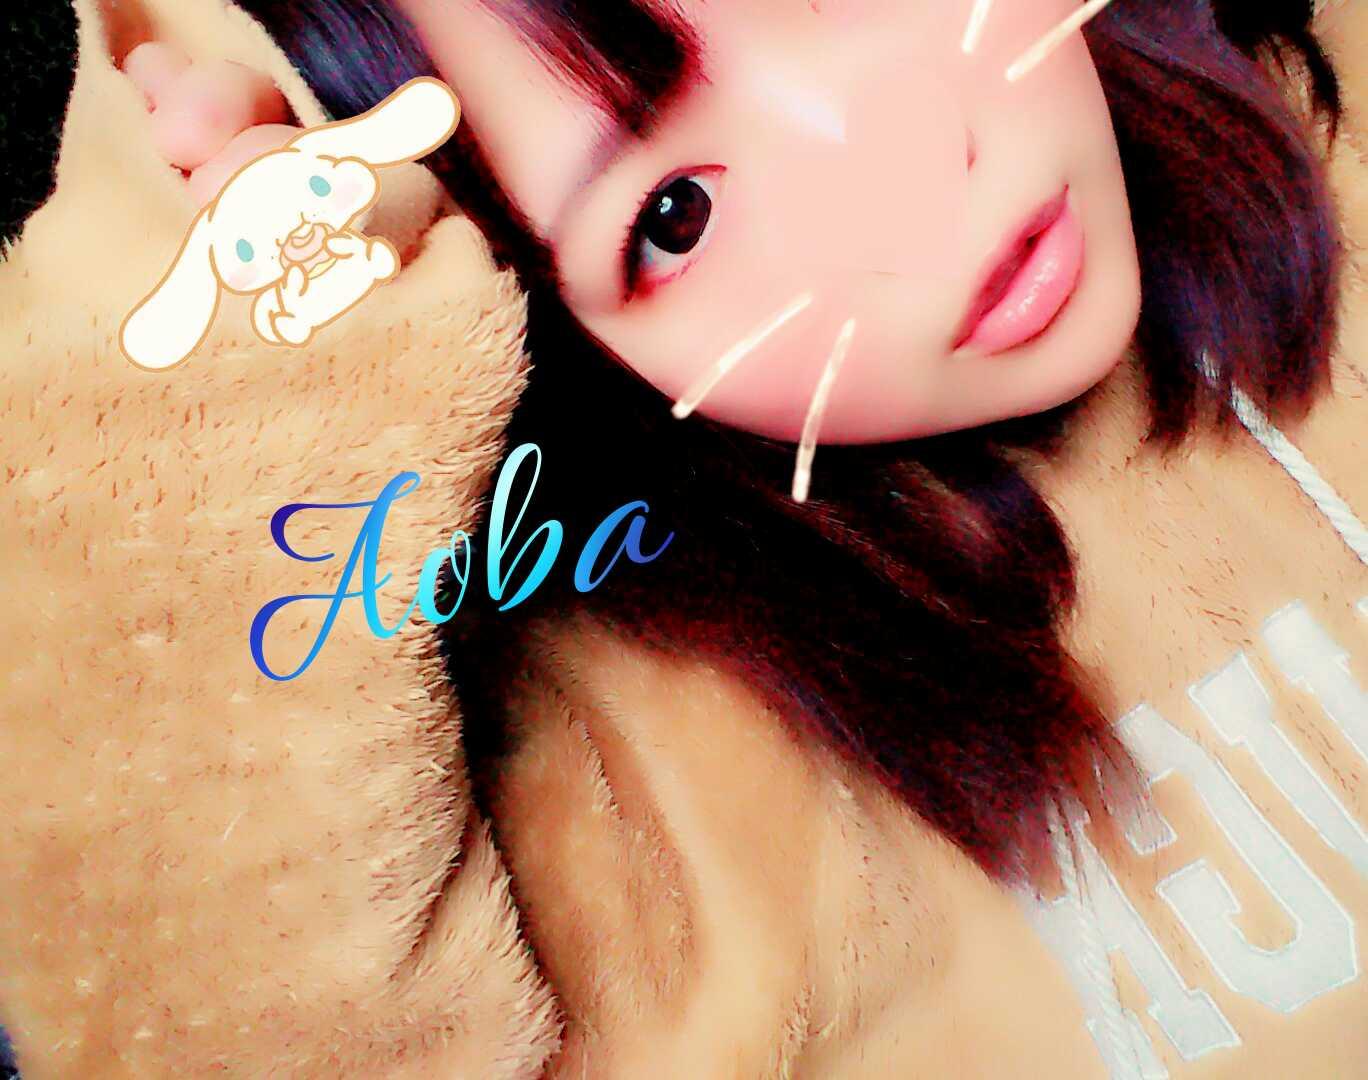 「こんにちは♡」02/16(02/16) 14:39 | あおばの写メ・風俗動画